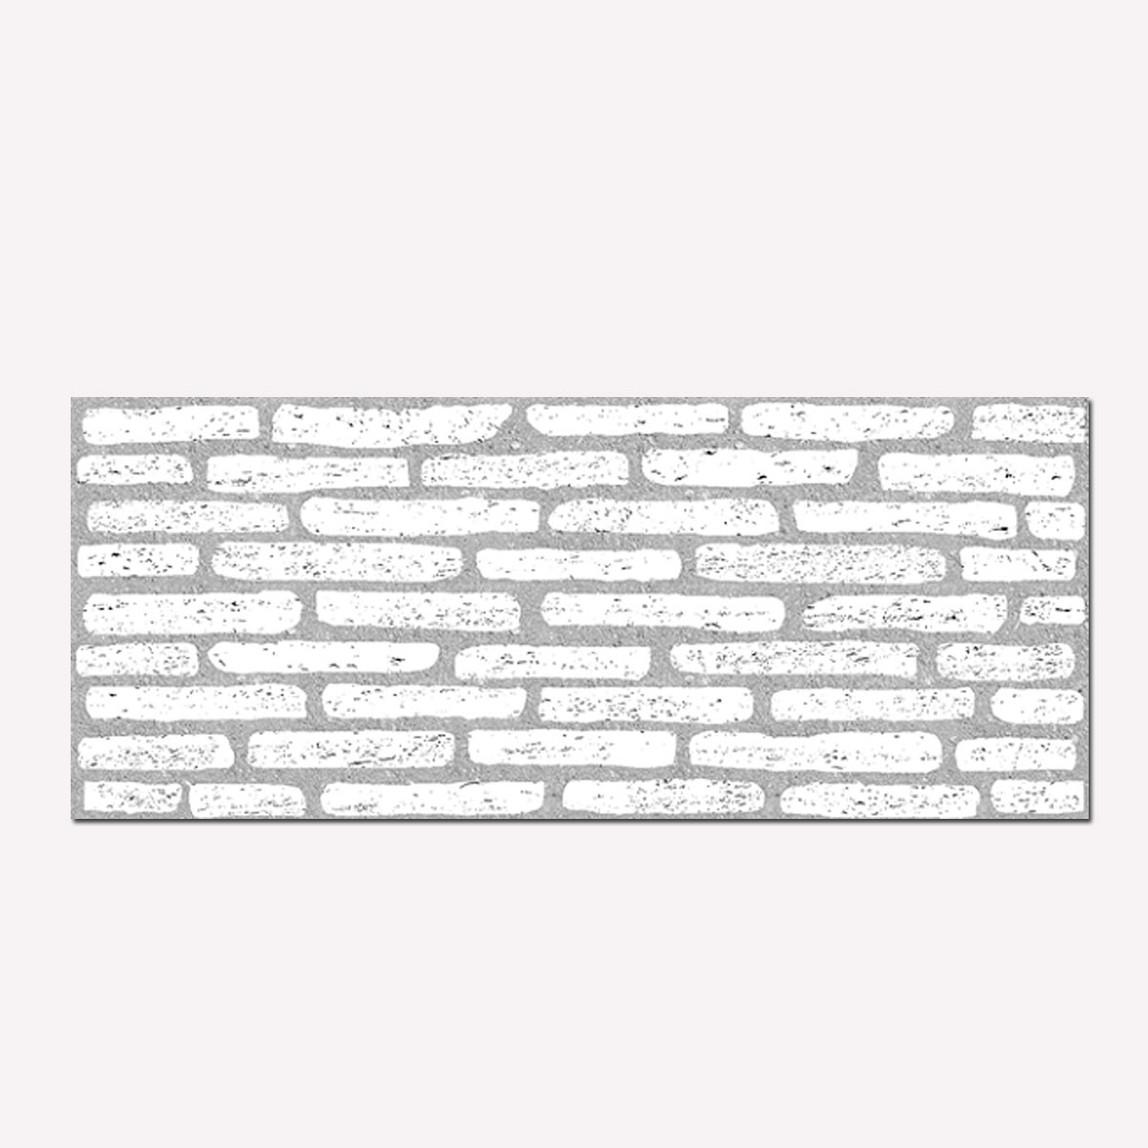 Deko Stil DP42 Beyaz Kırık Tuğla Duvar Kaplama Paneli